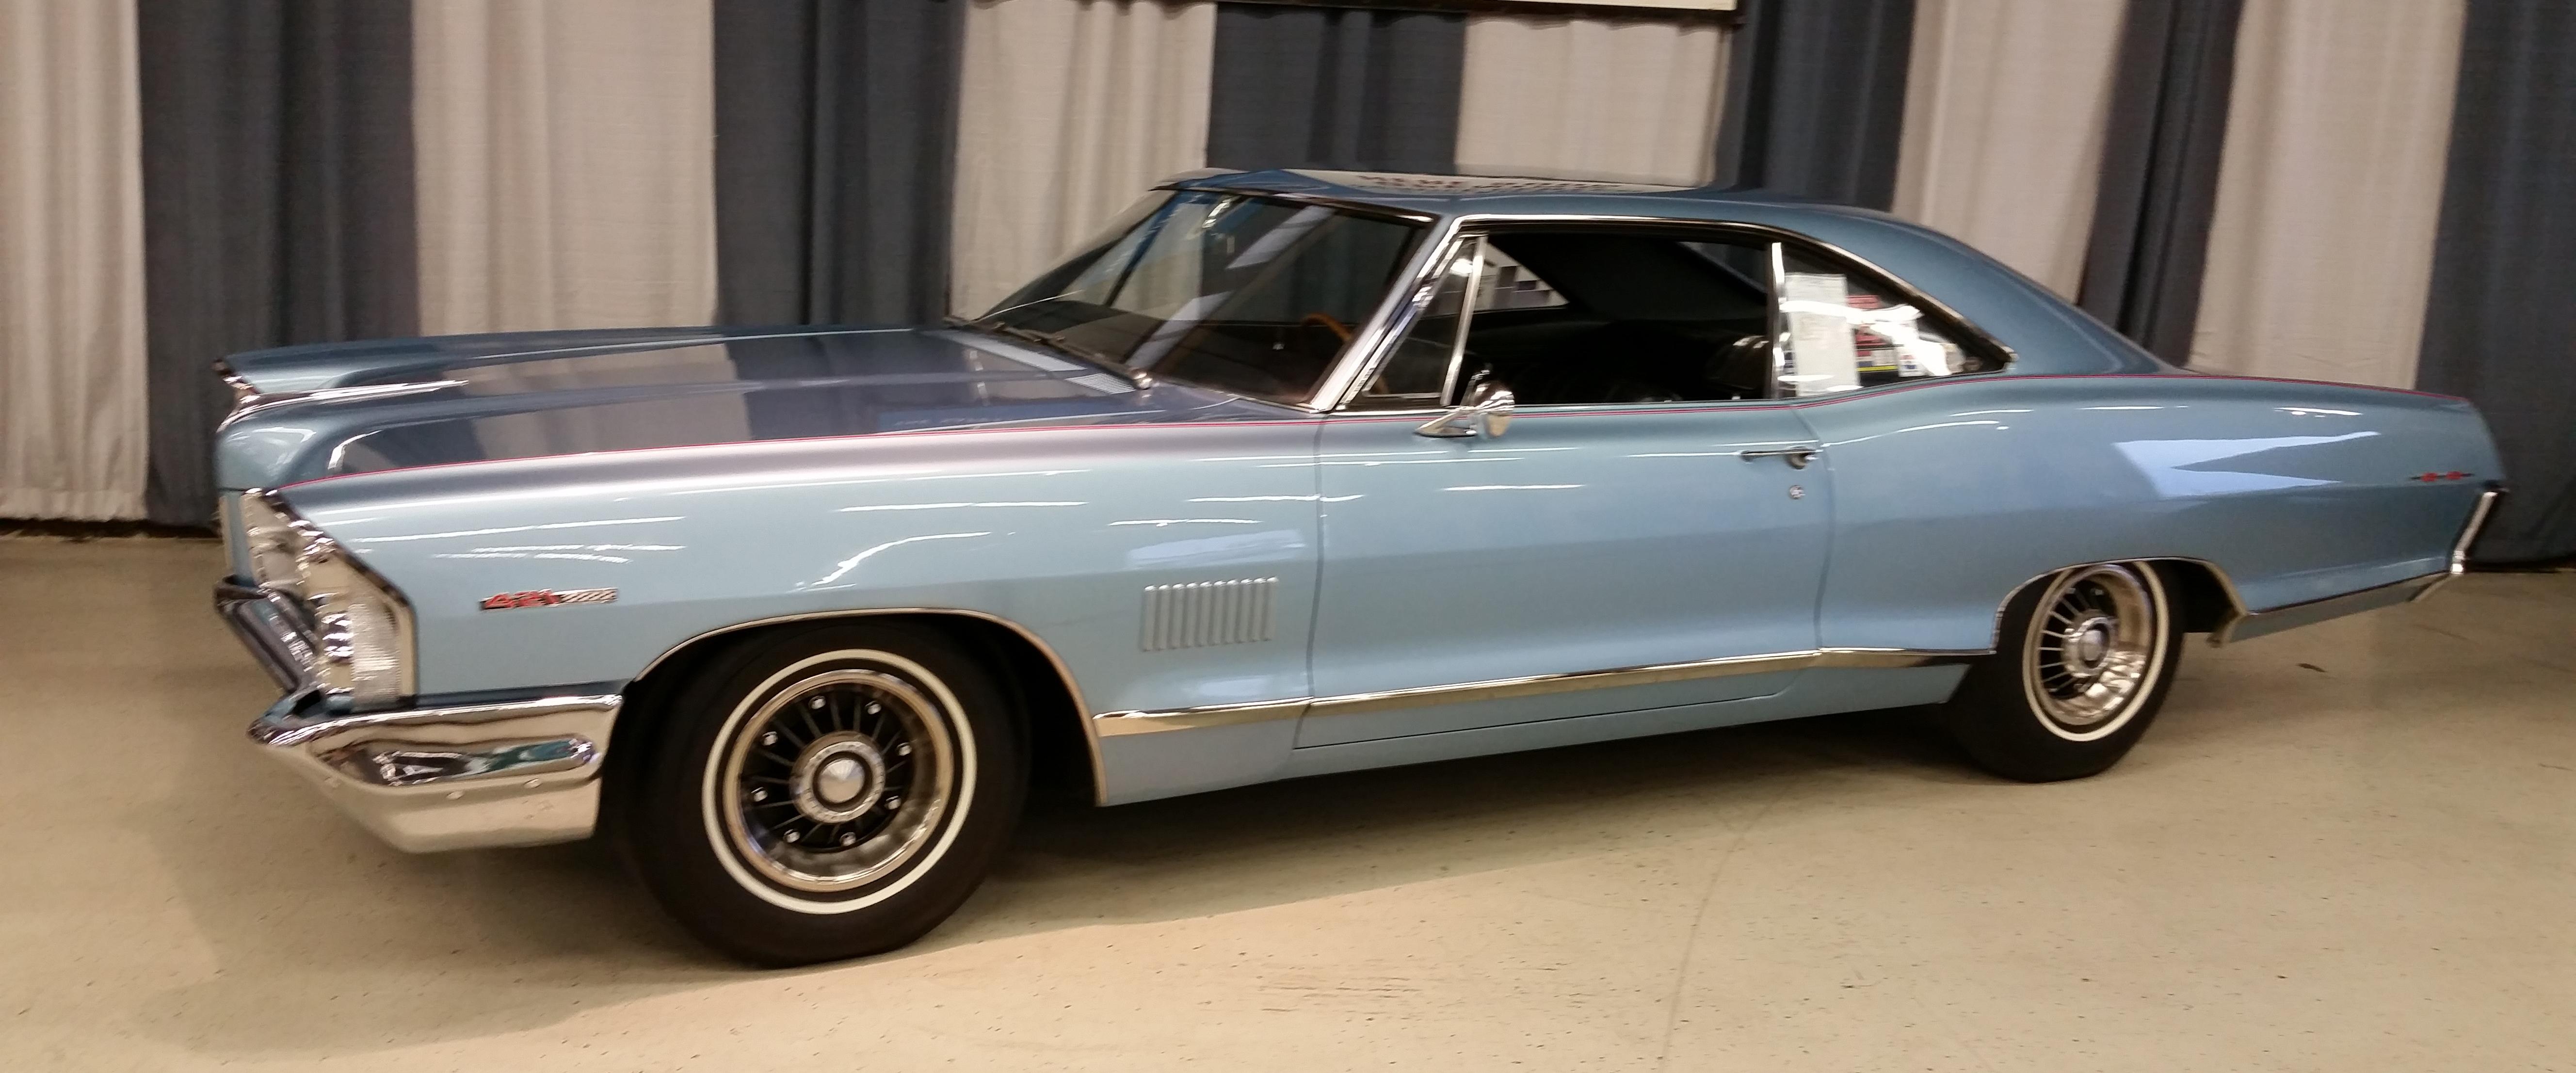 Pontiac 2 2 Wikipedia